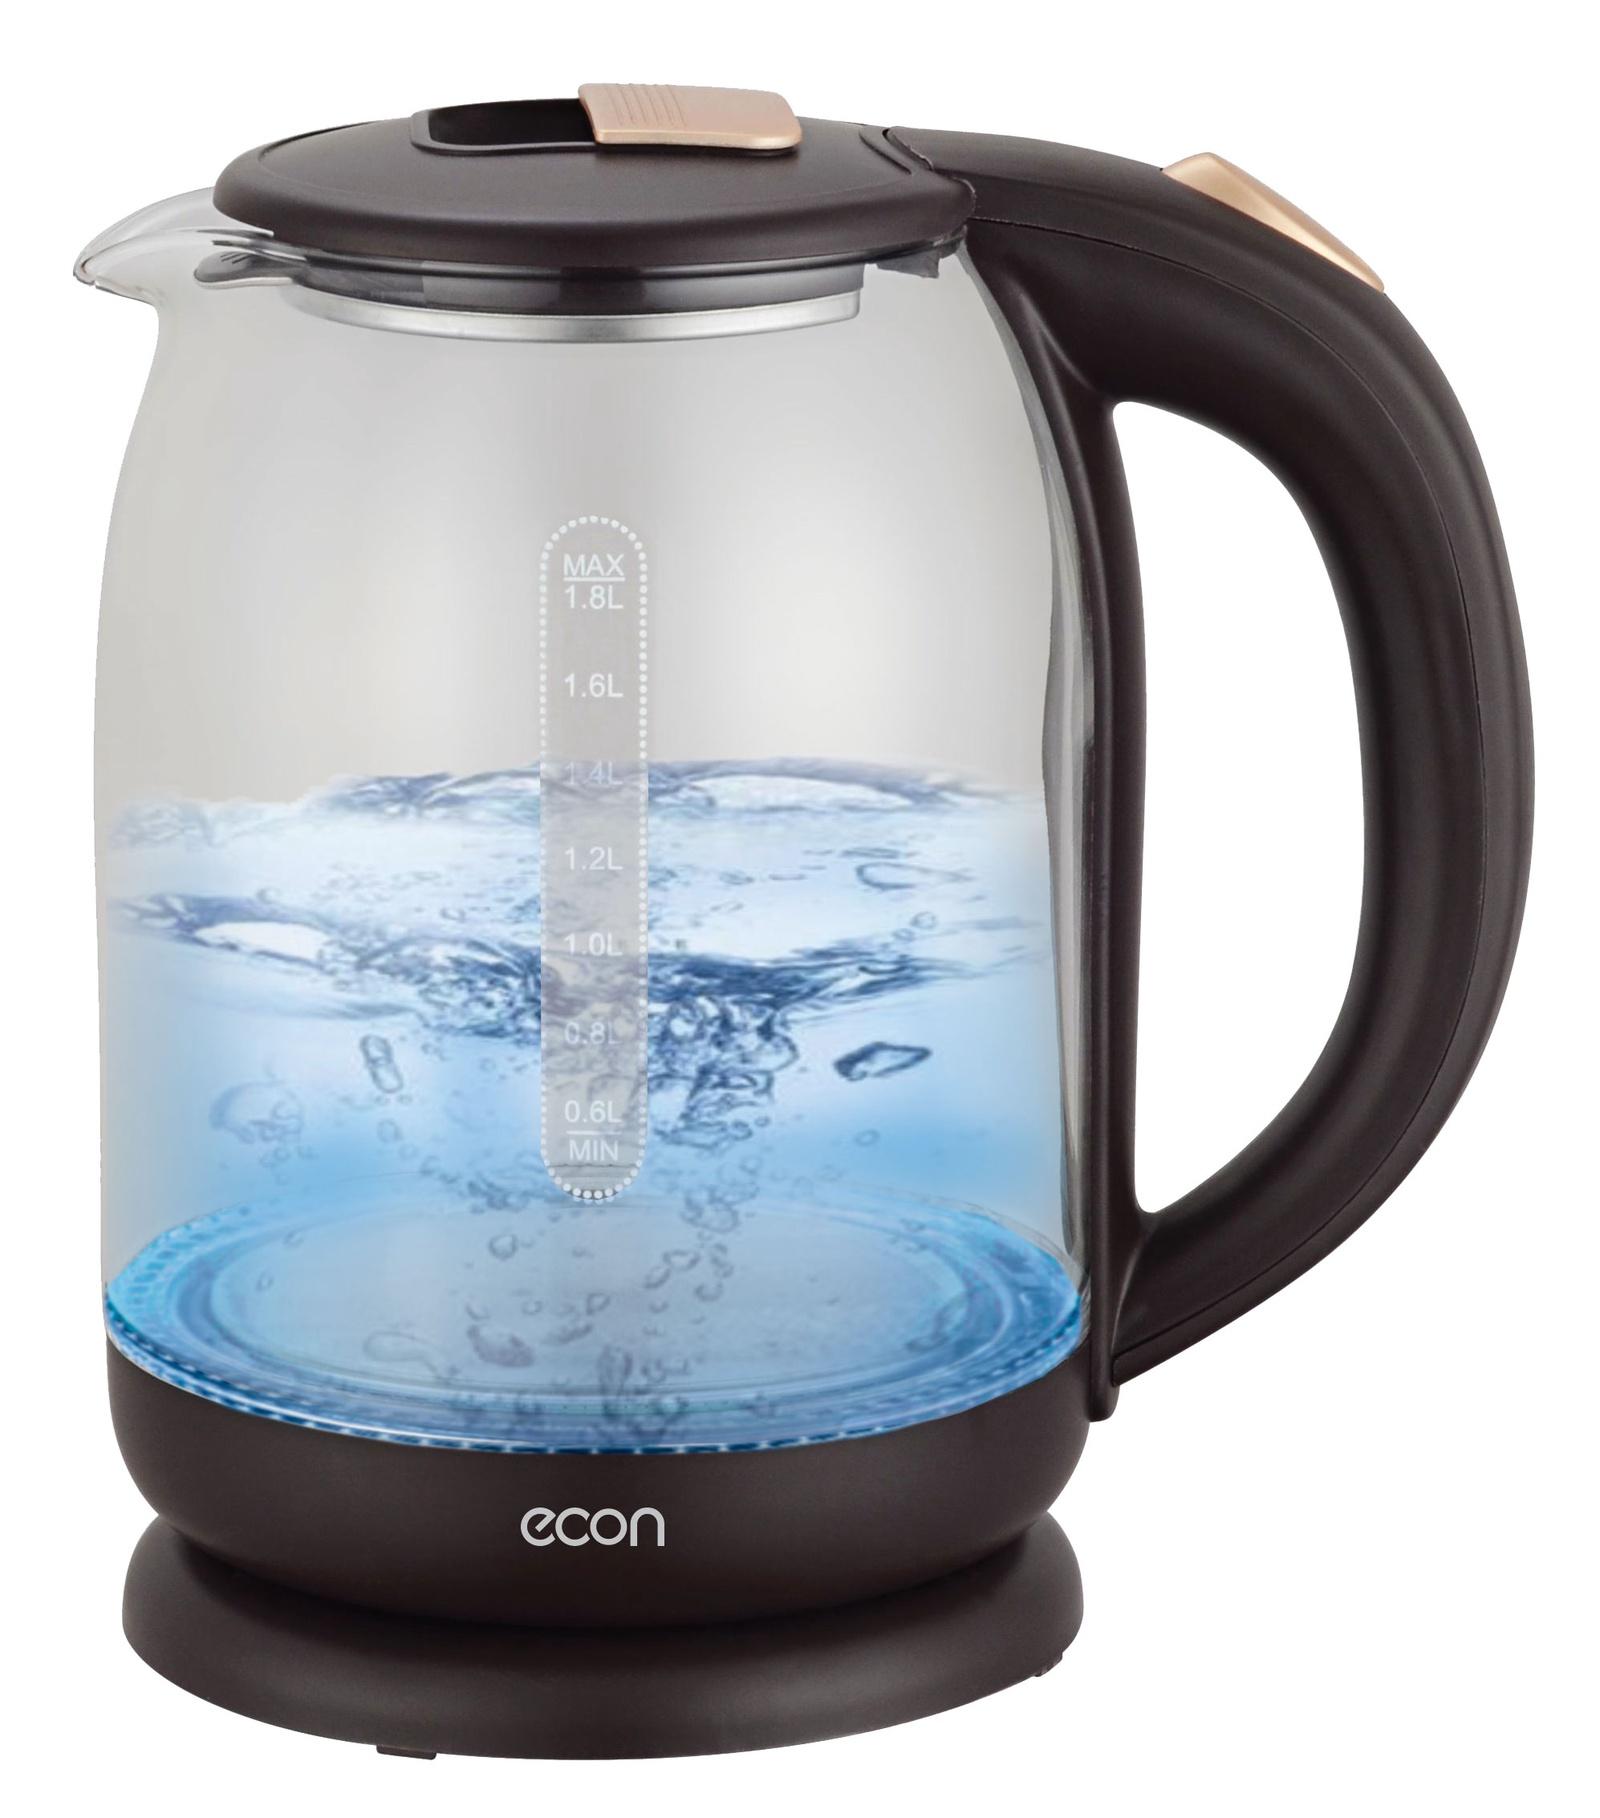 Электрический чайник ECON 1,8 л, стеклянный, с LED подсветкой